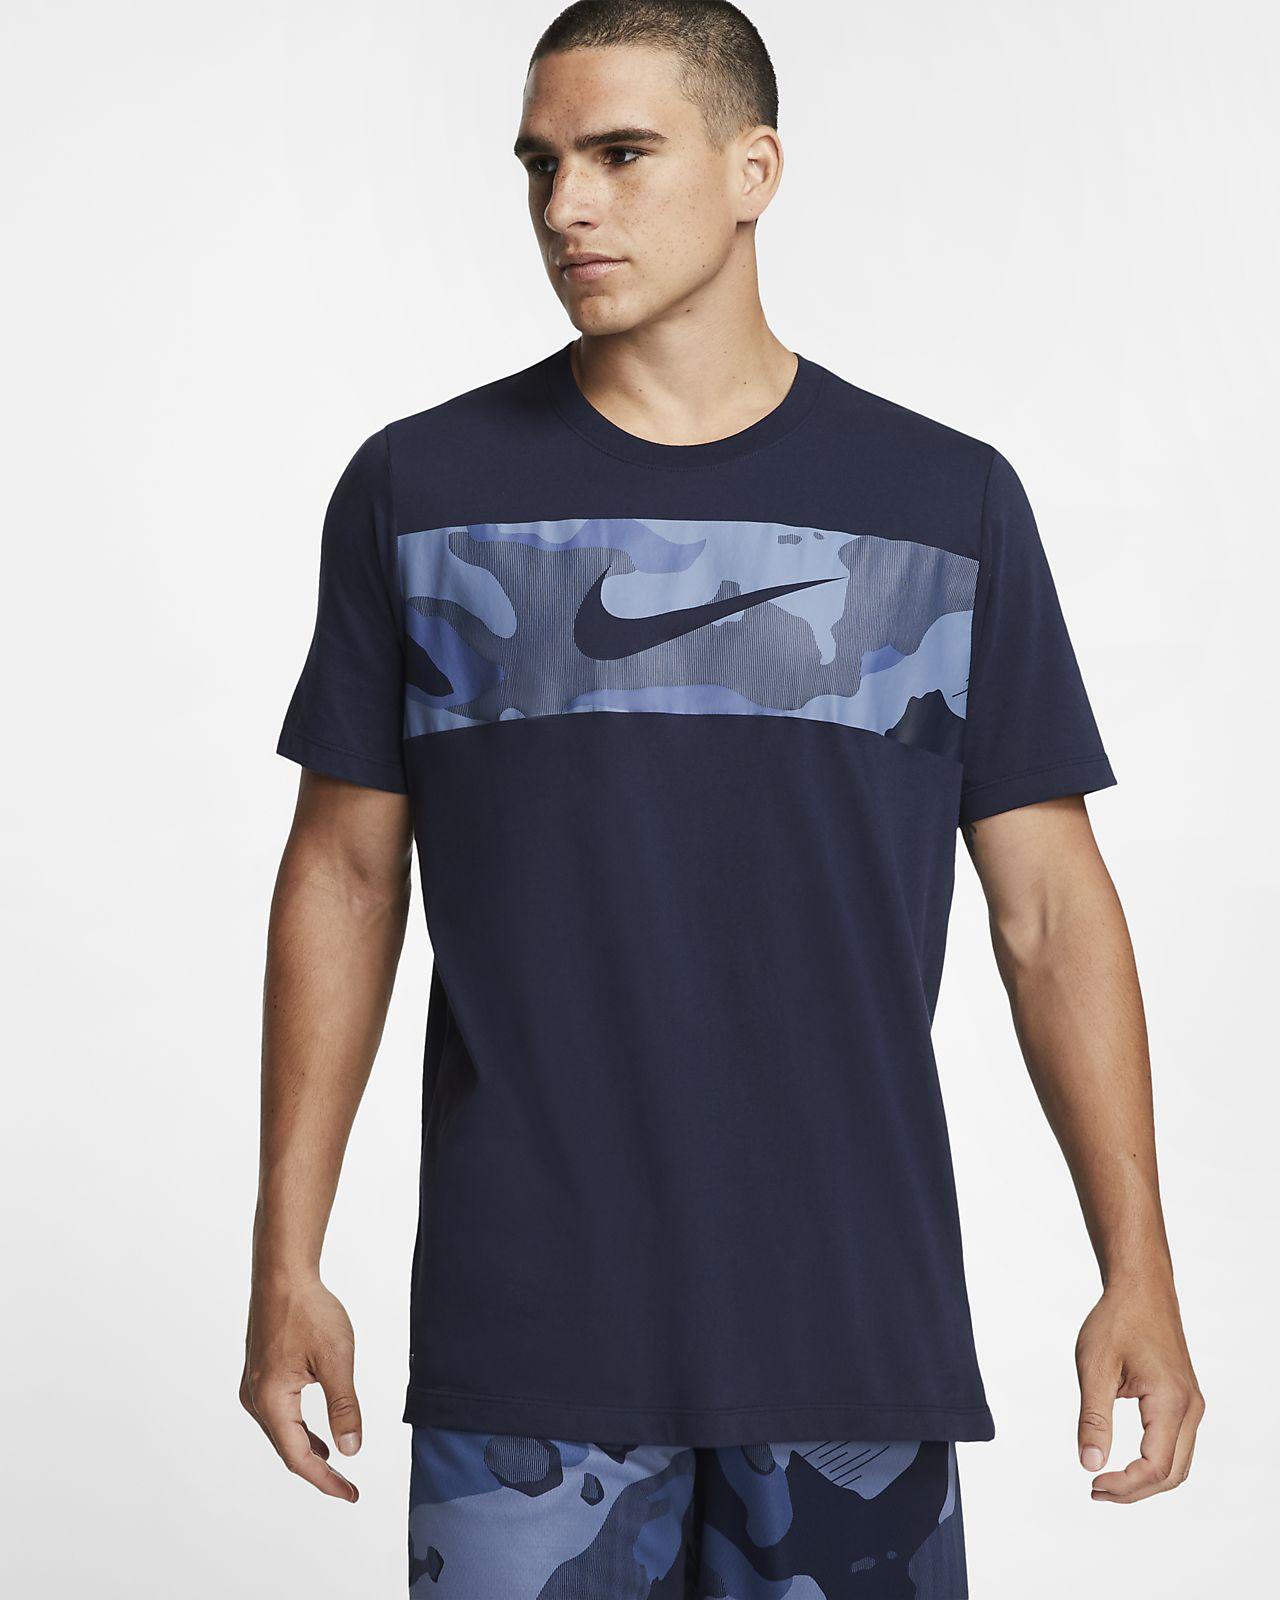 Nike Dri-FIT-trænings-T-shirt til mænd